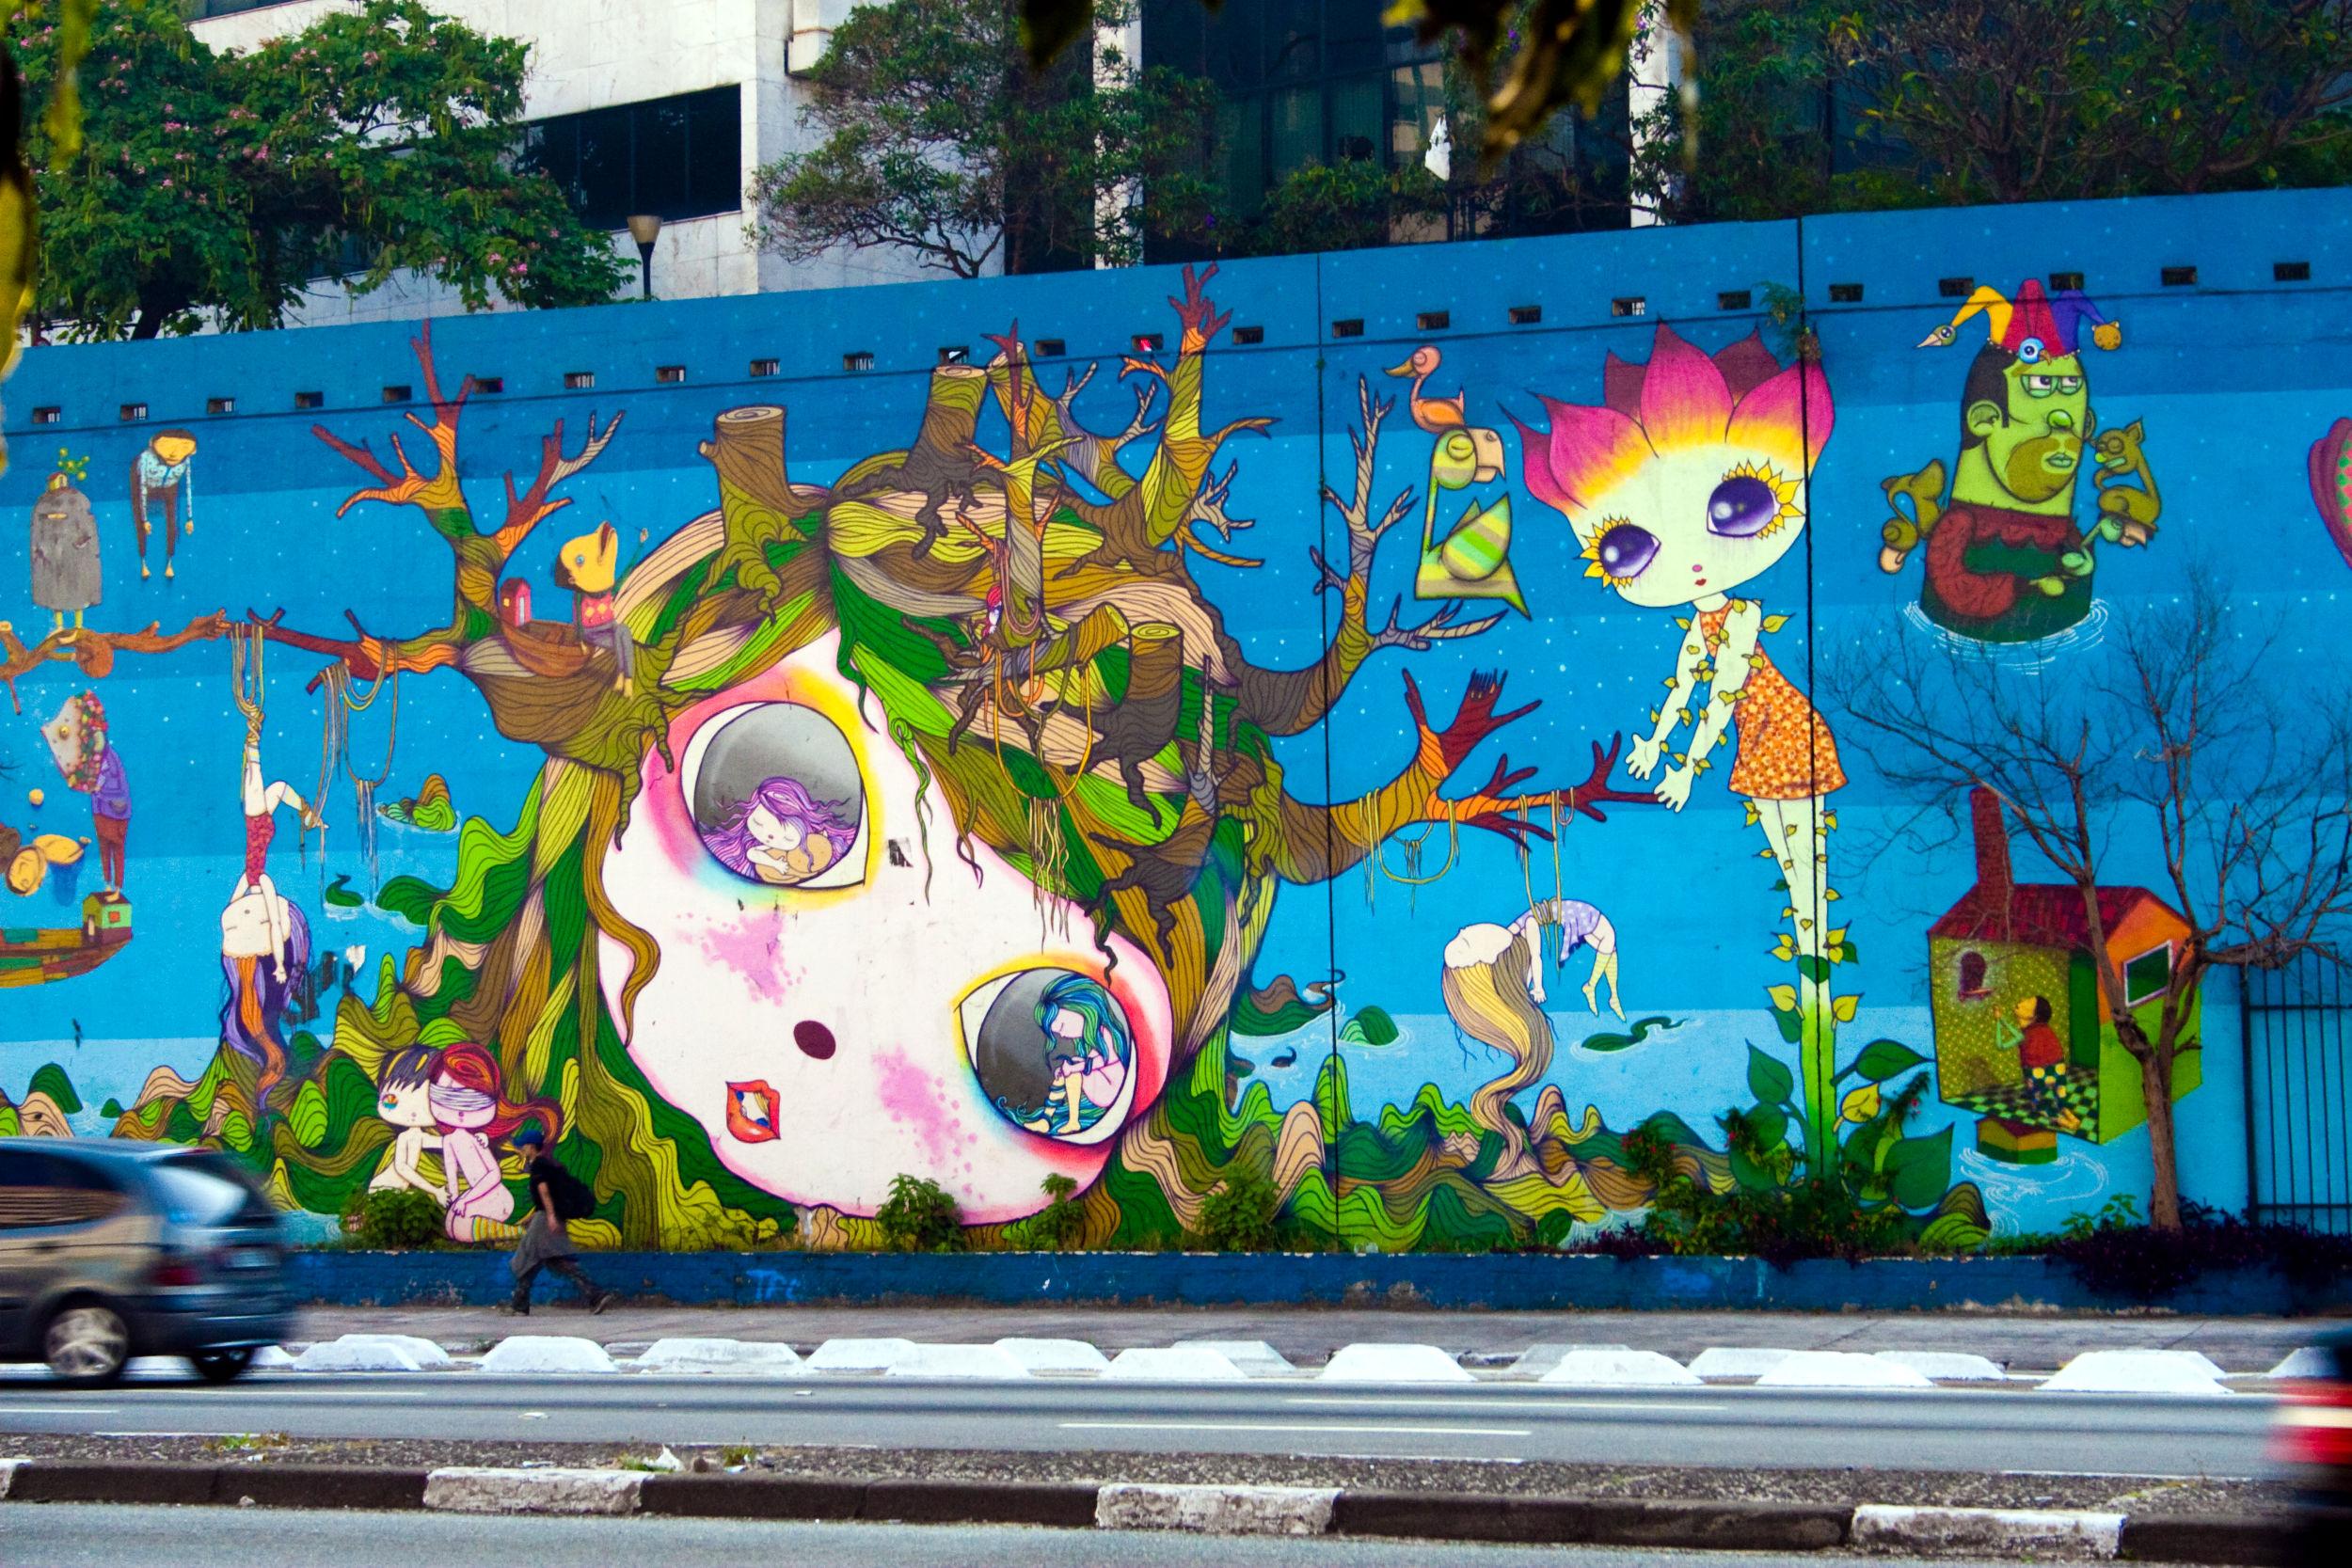 EIXO LESTE-OESTE: Na alça de acesso ao Viaduto Jaceguai, o mural de 680 metros não passa despercebido por quem cruza a região de acesso às avenidas 23 de Maio, Radial Leste e o Minhocão (foto: André Deak, Arte Fora do Museu/Flickr-Creative Commons)